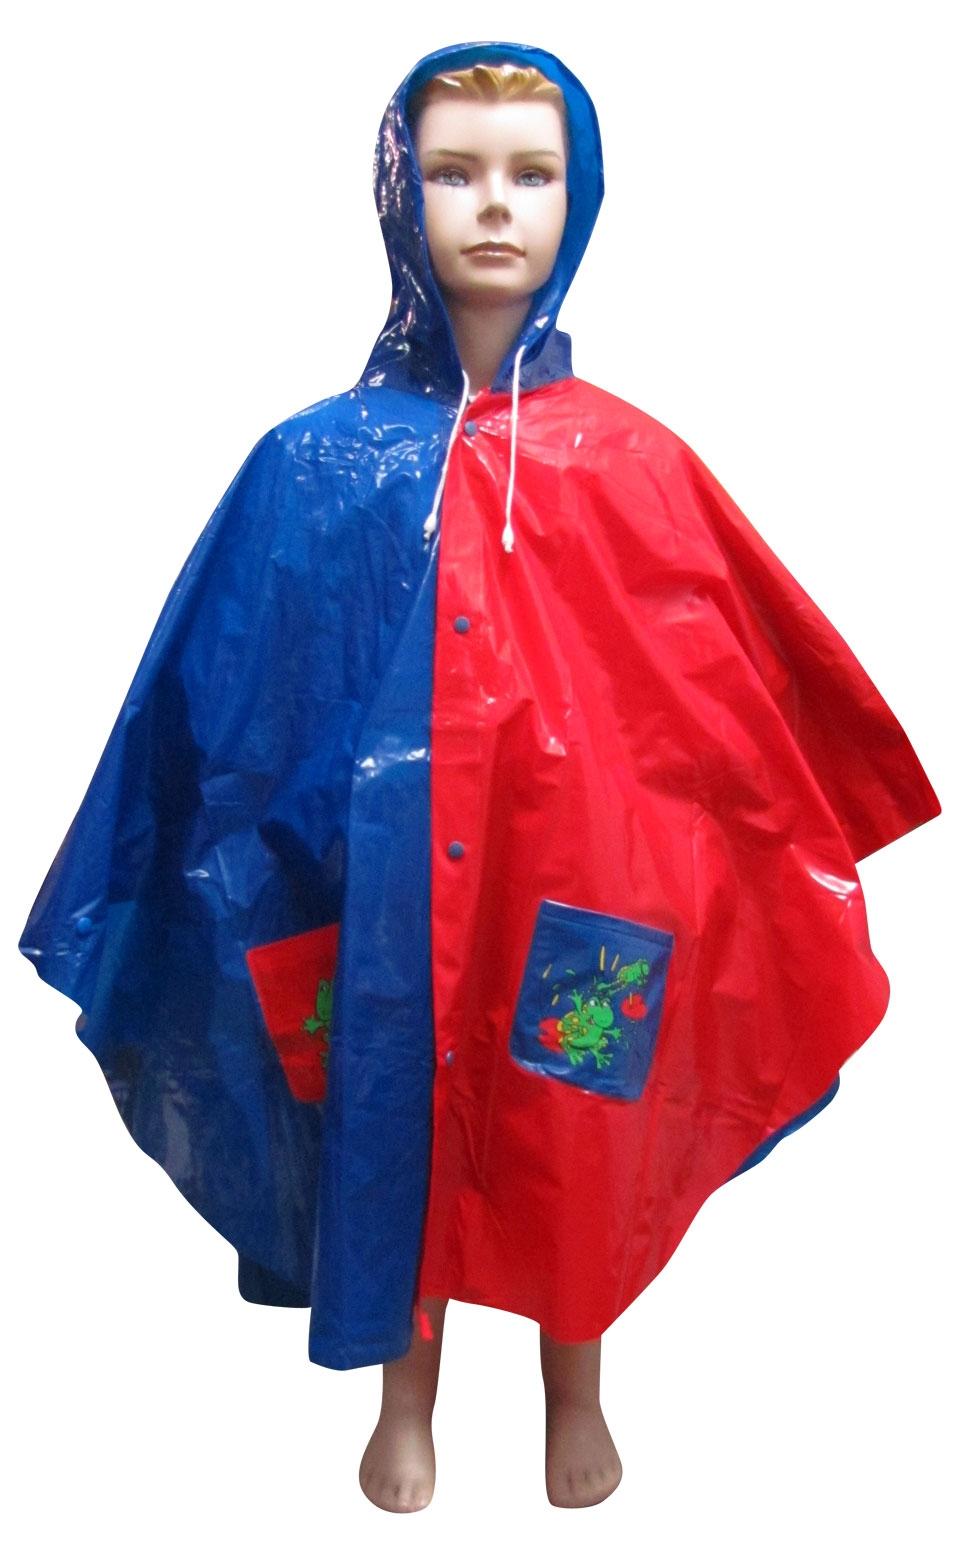 מעיל גשם מניילון | שכמייה | מעיל גשם לילדים